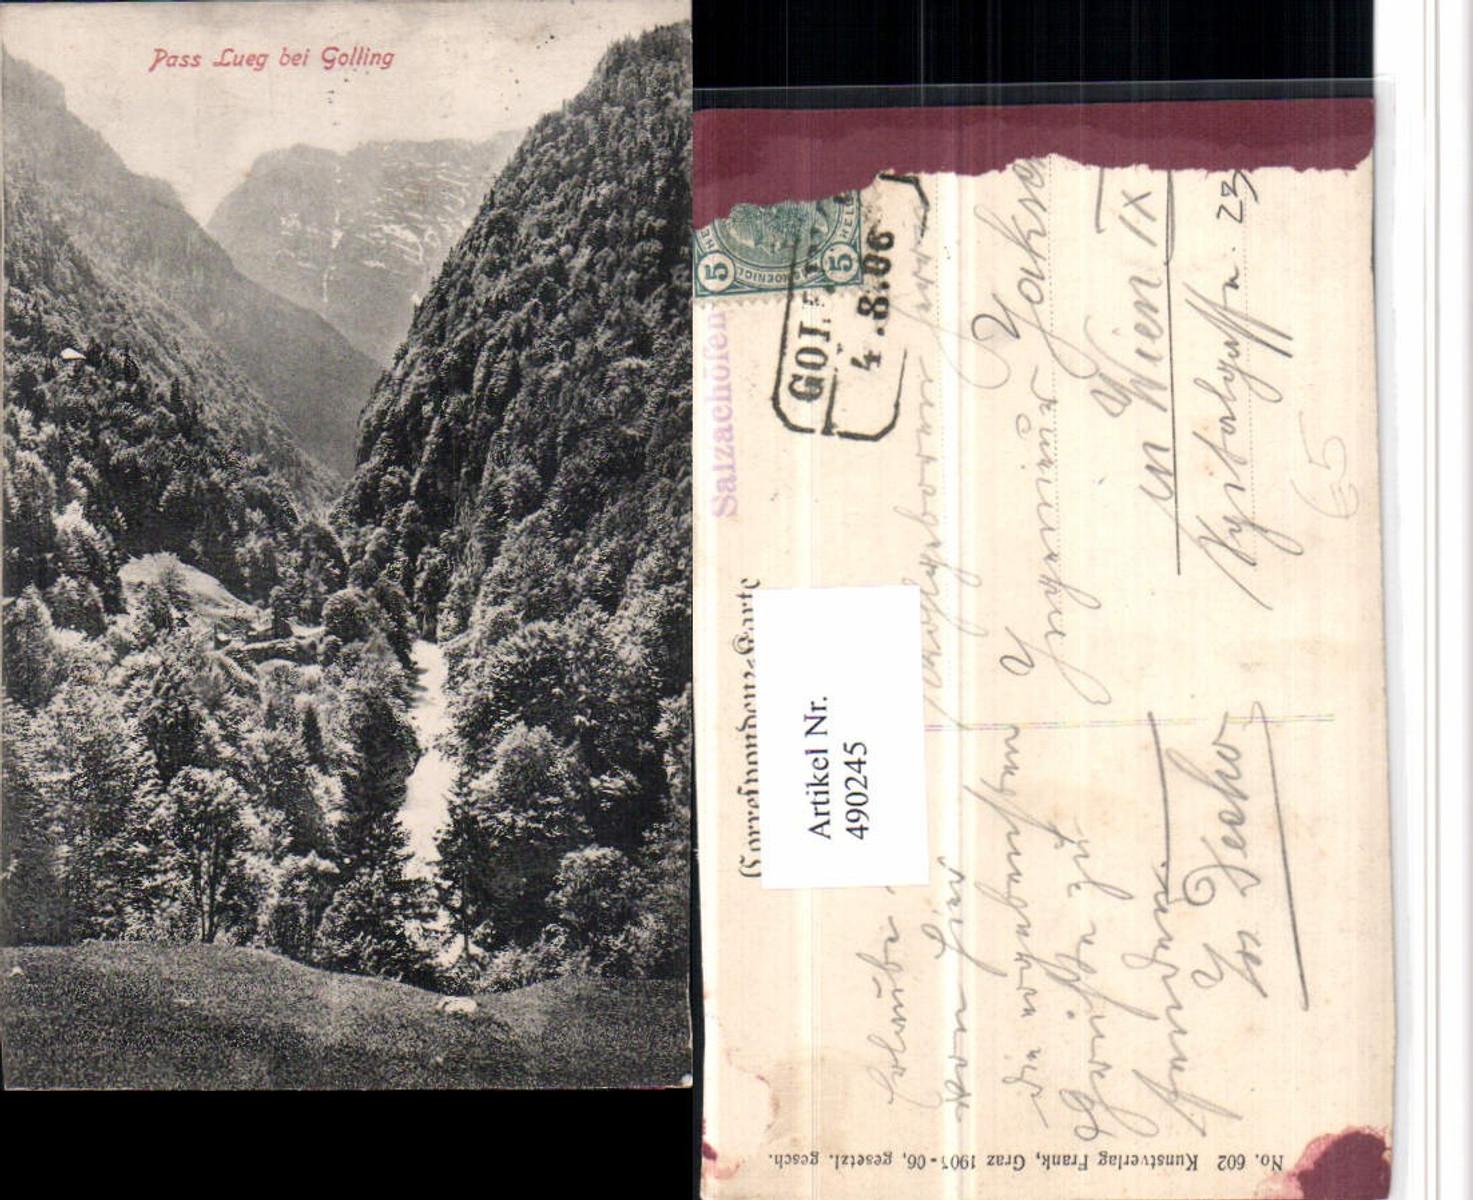 490245,Pass Lueg b. Golling Bergkulisse günstig online kaufen